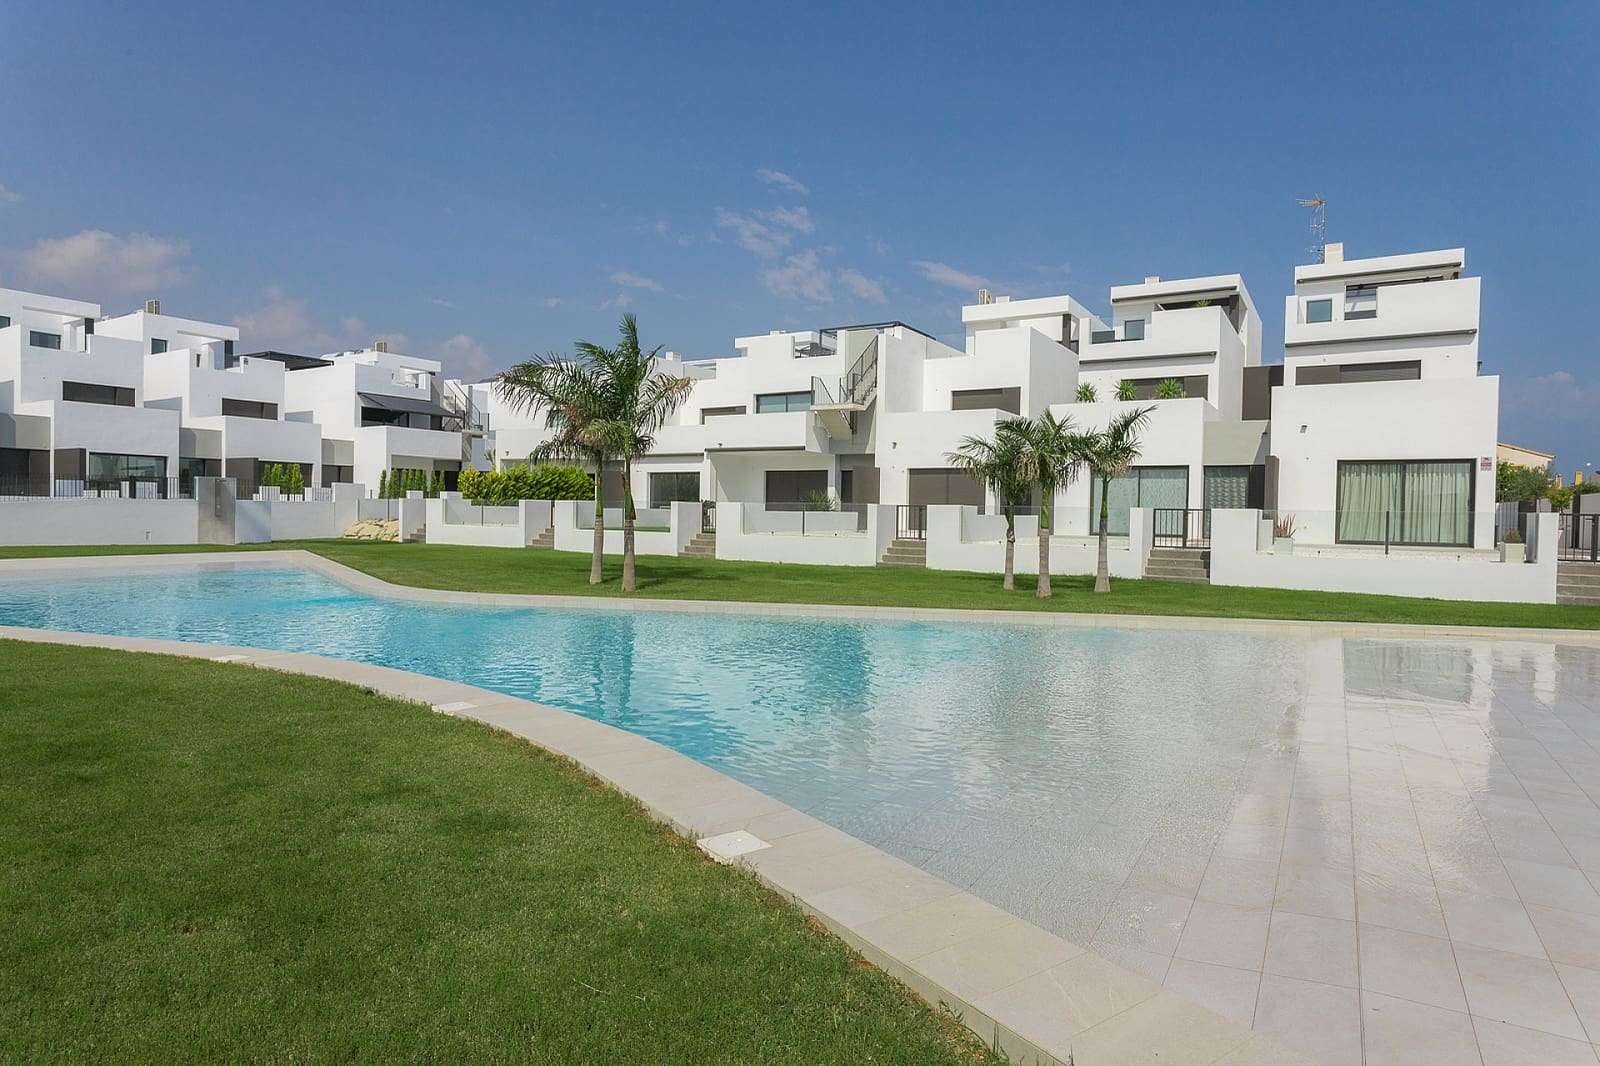 Bungalow de 2 habitaciones en Pilar de la Horadada en venta - 179.900 € (Ref: 4557788)